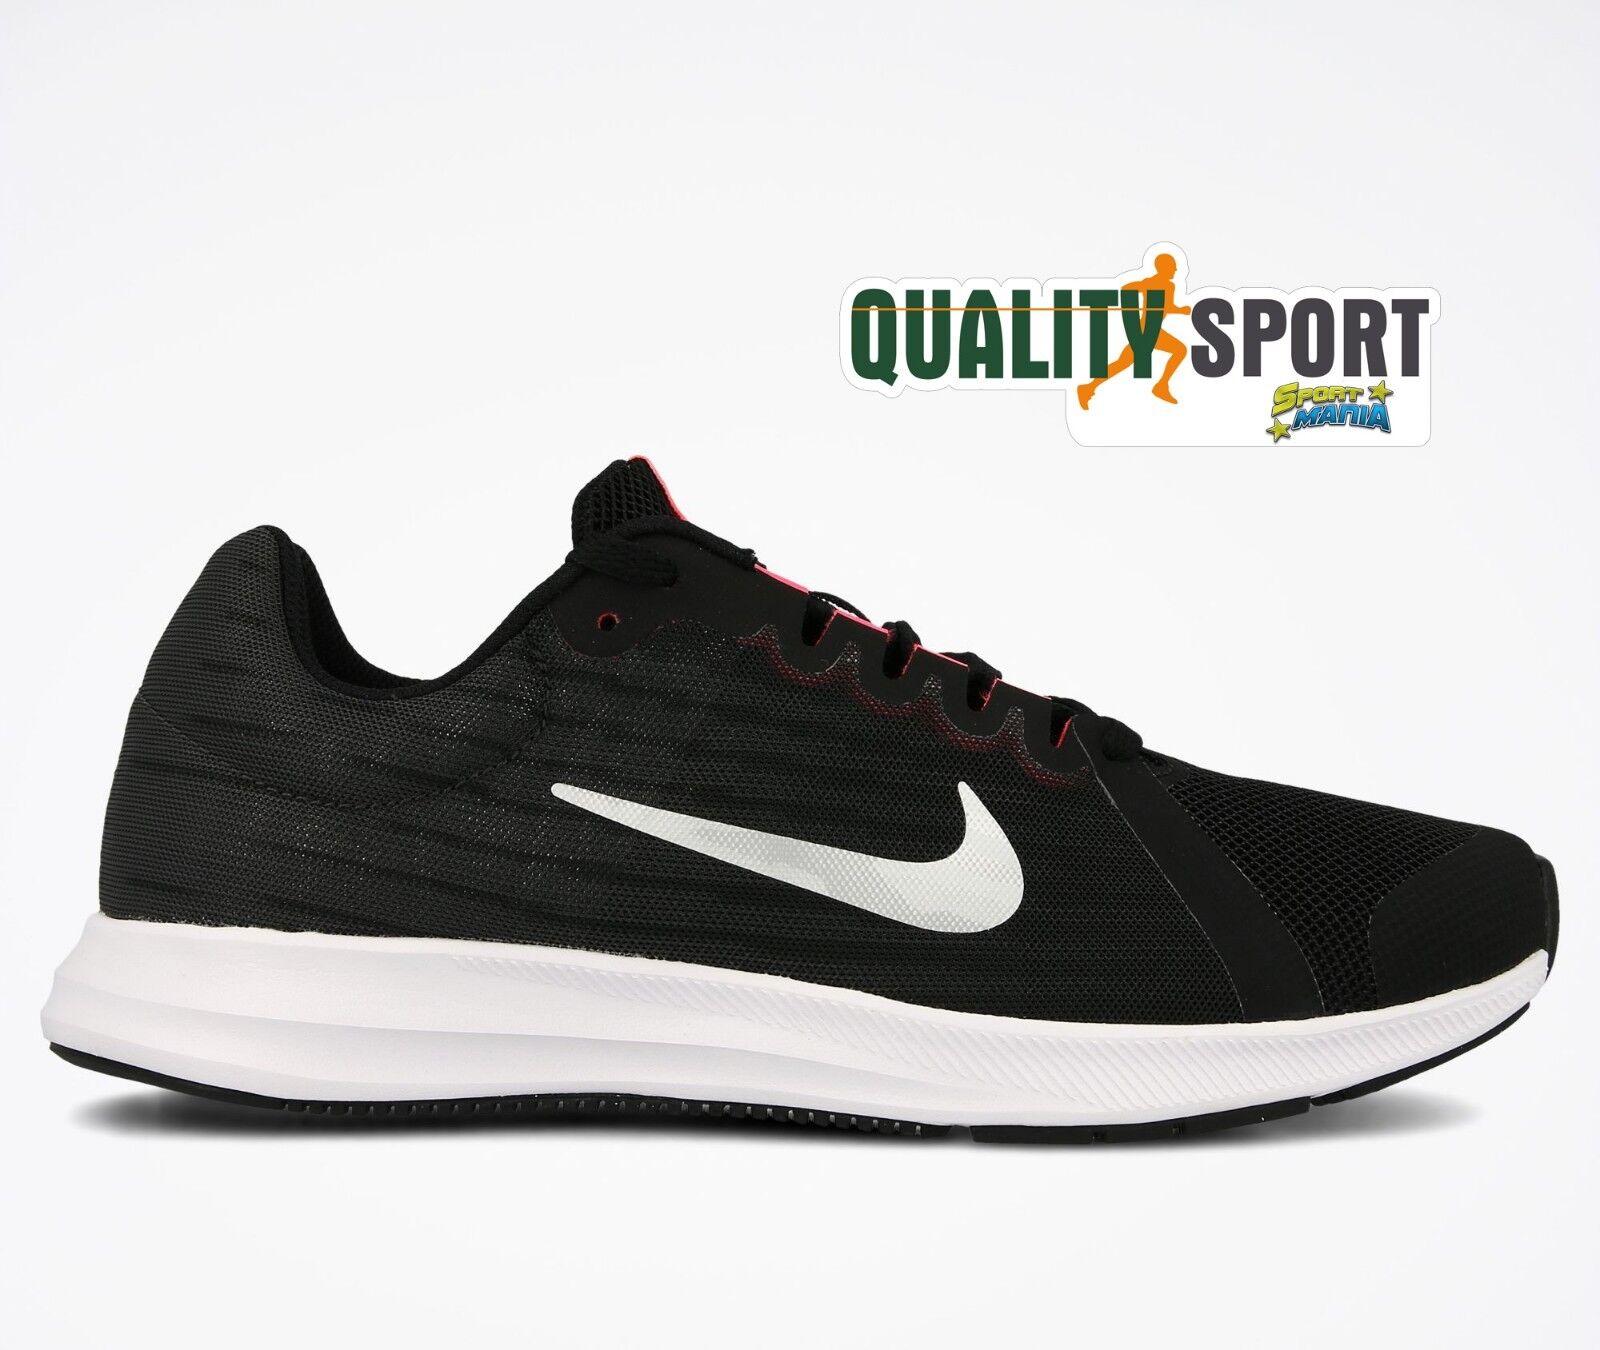 Nike Downshifter 8 922855 Nero Fucsia Schuhe Schuhes Damenschuhe Running 922855 8 001 2018 8993cb